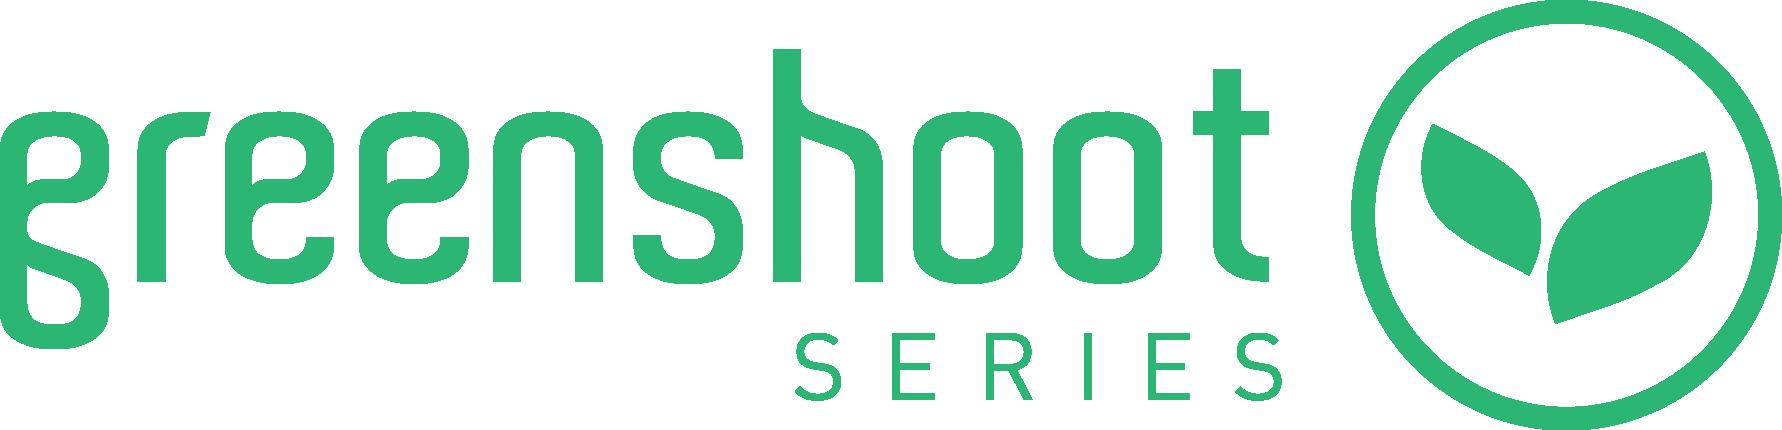 Greenshoot Series